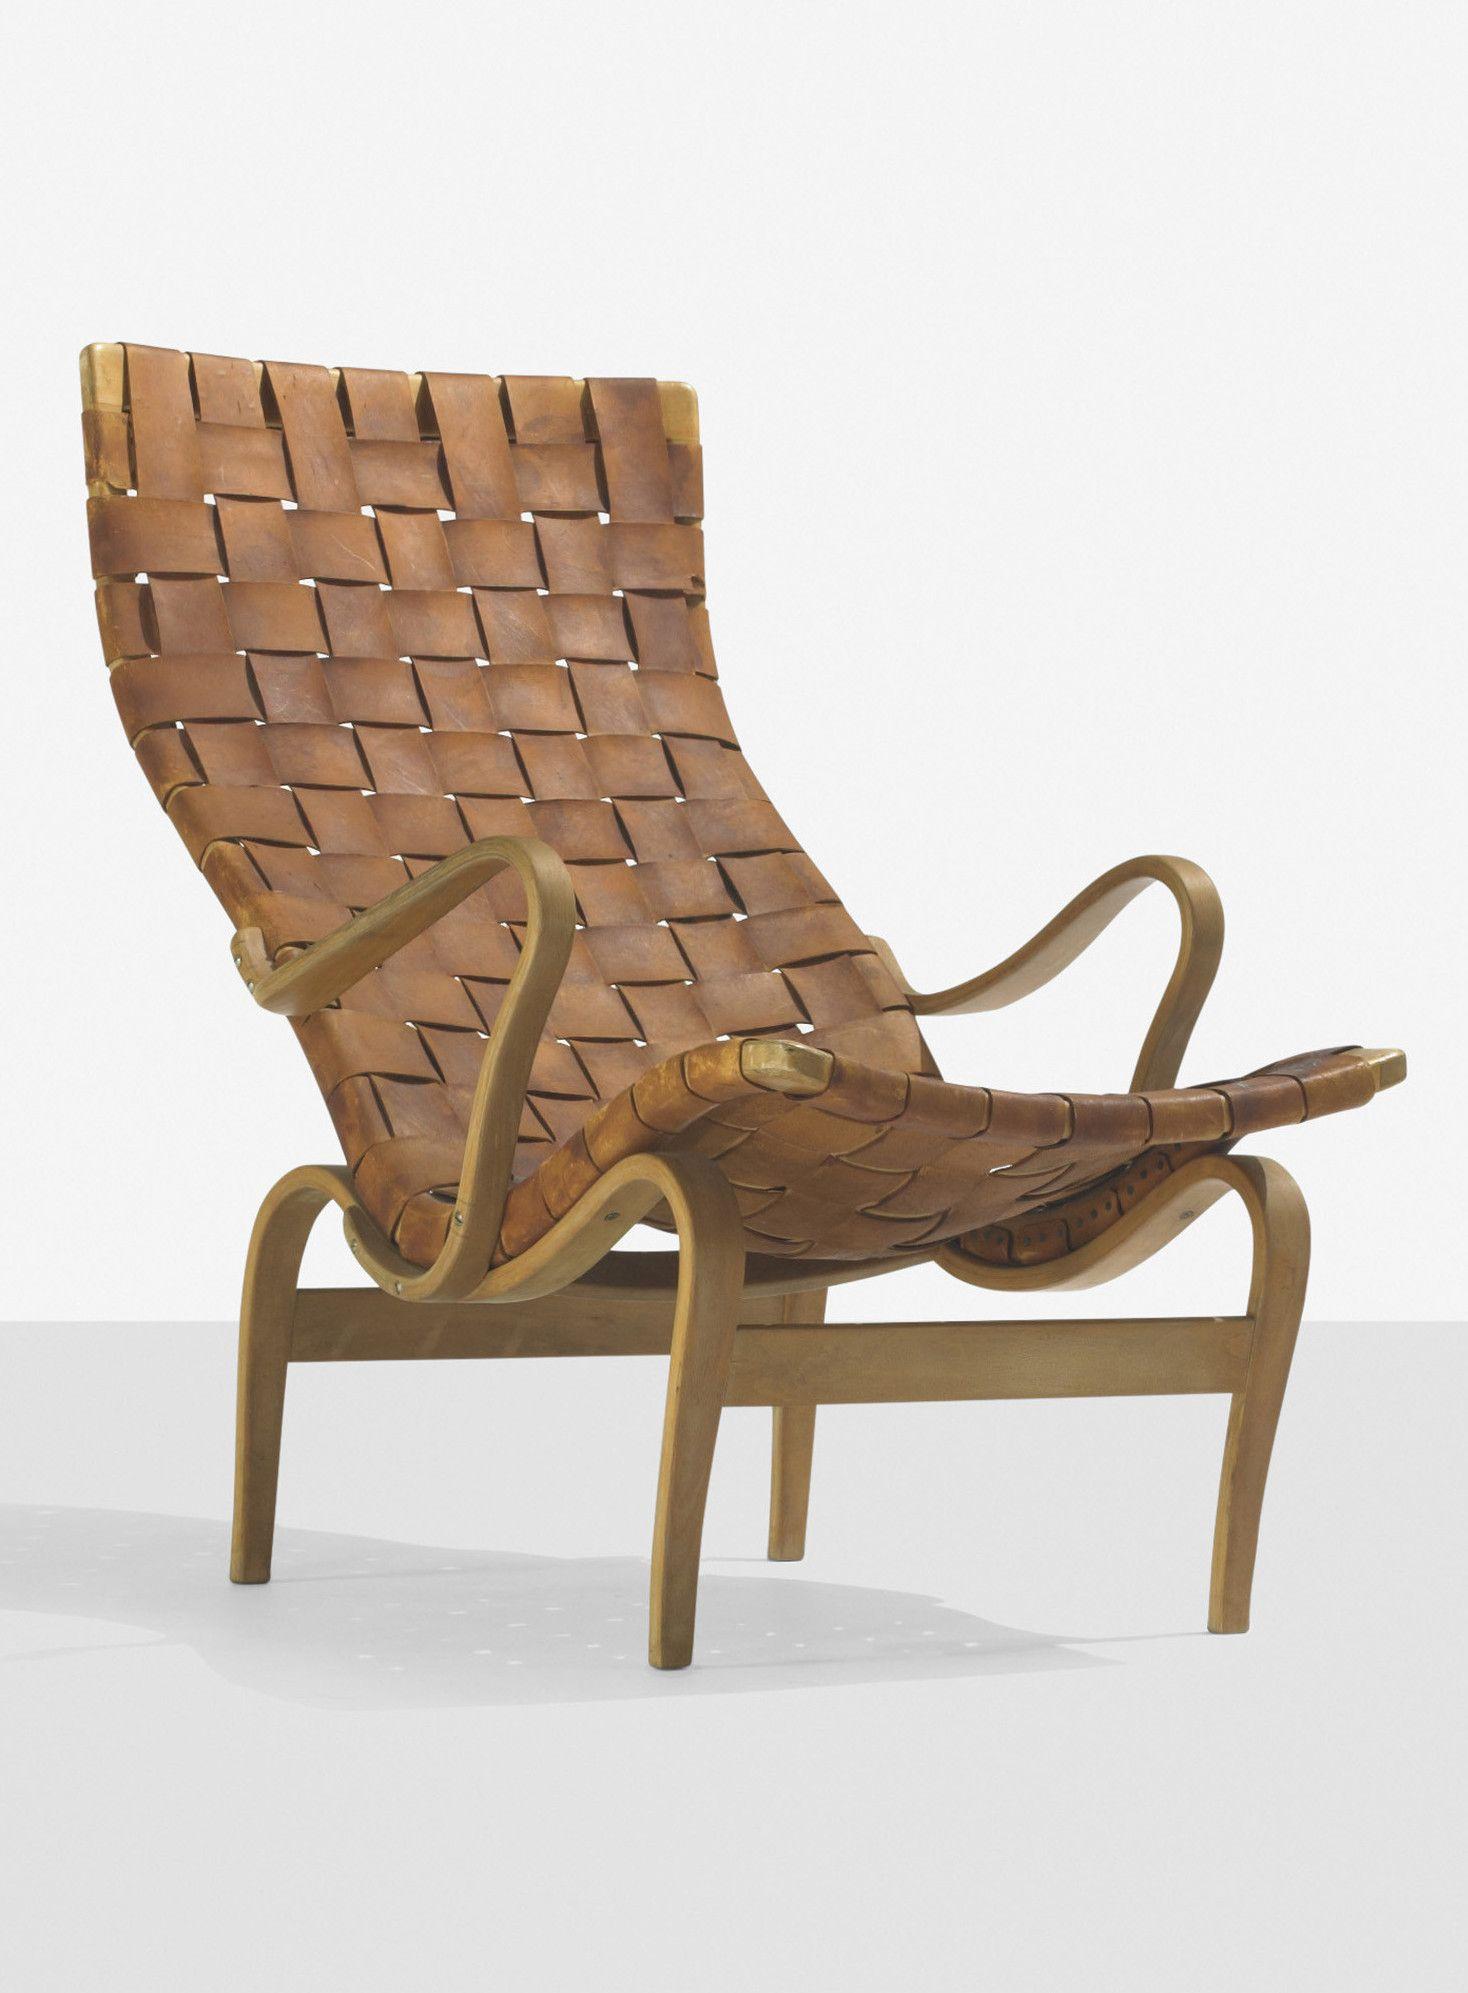 Bruno Mathsson Pernilla 2 chair 1943, laminated steam bent